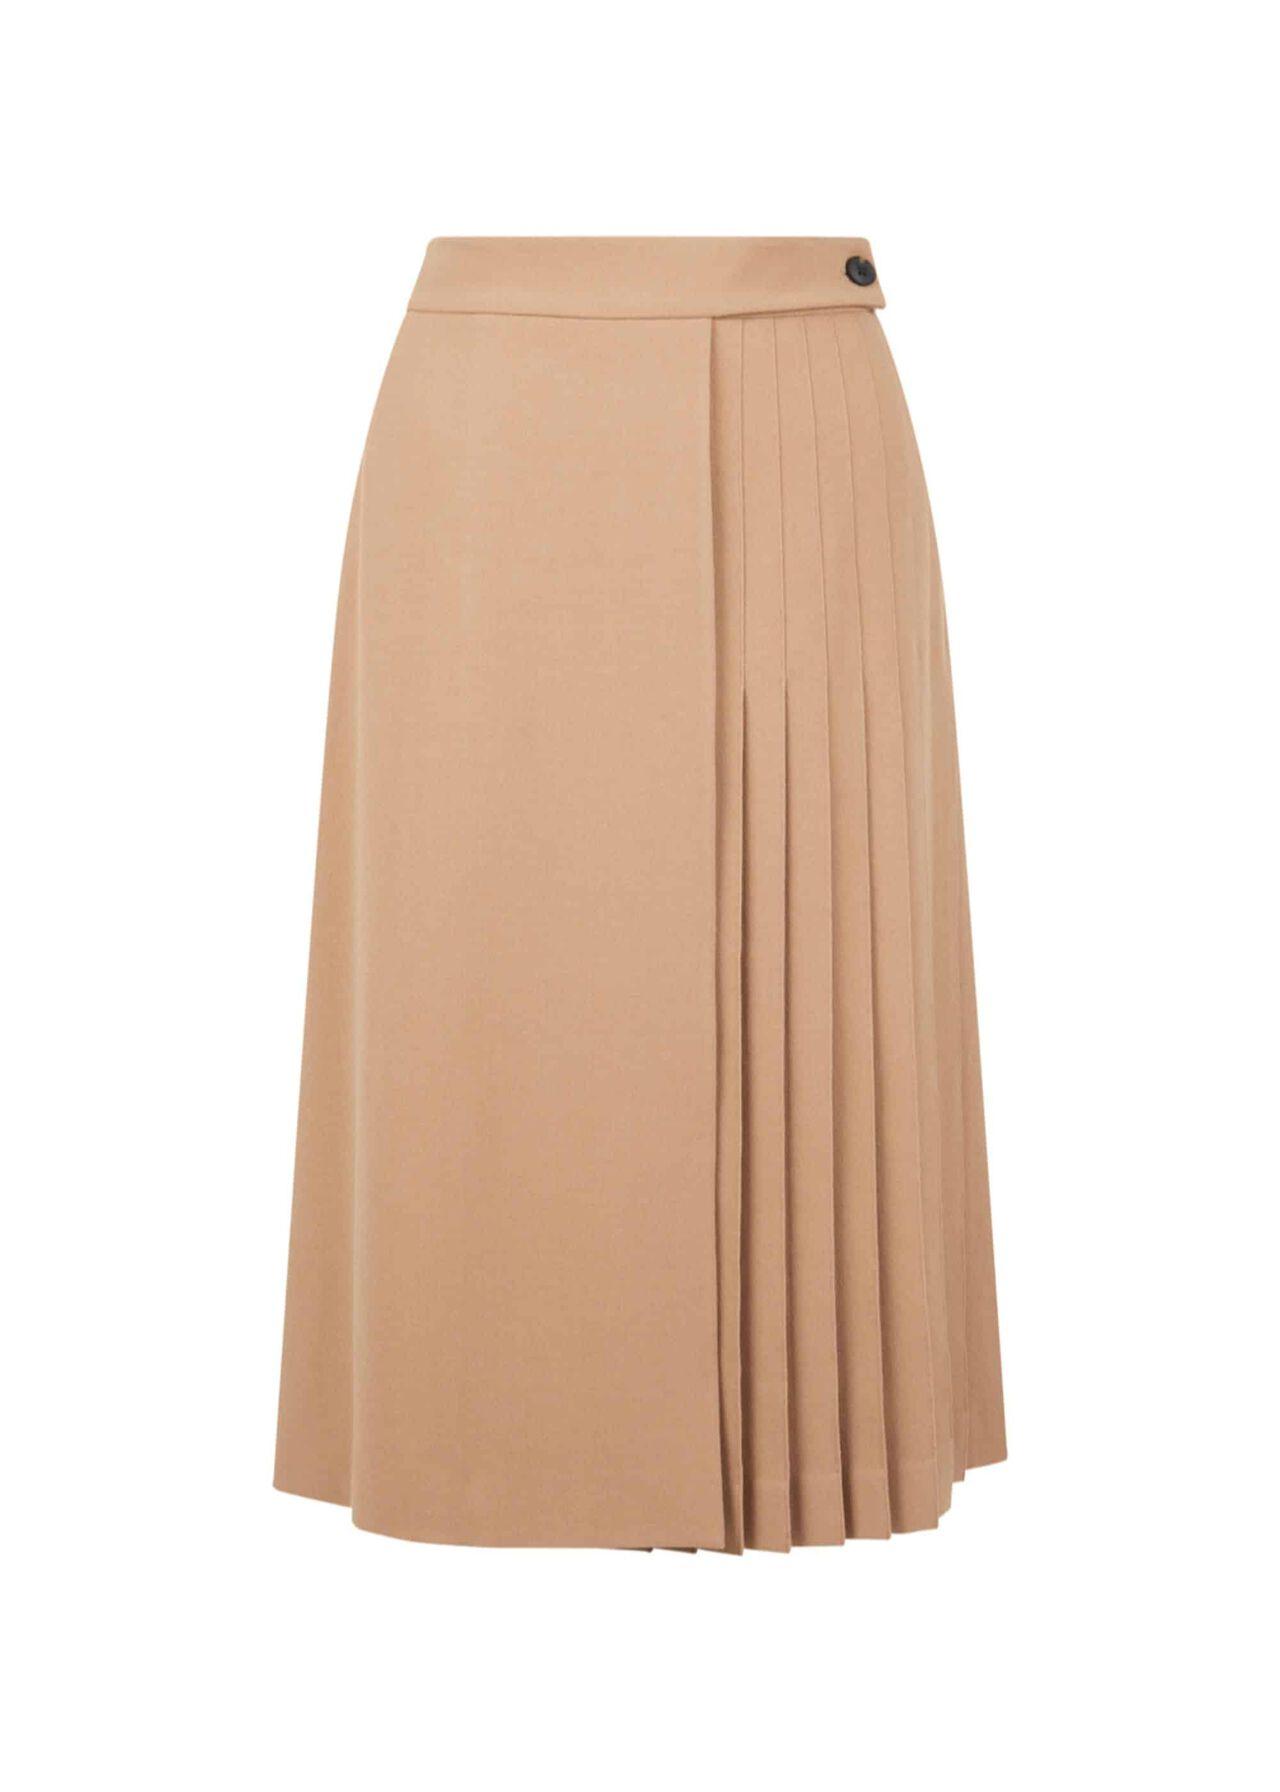 Piper Skirt Camel